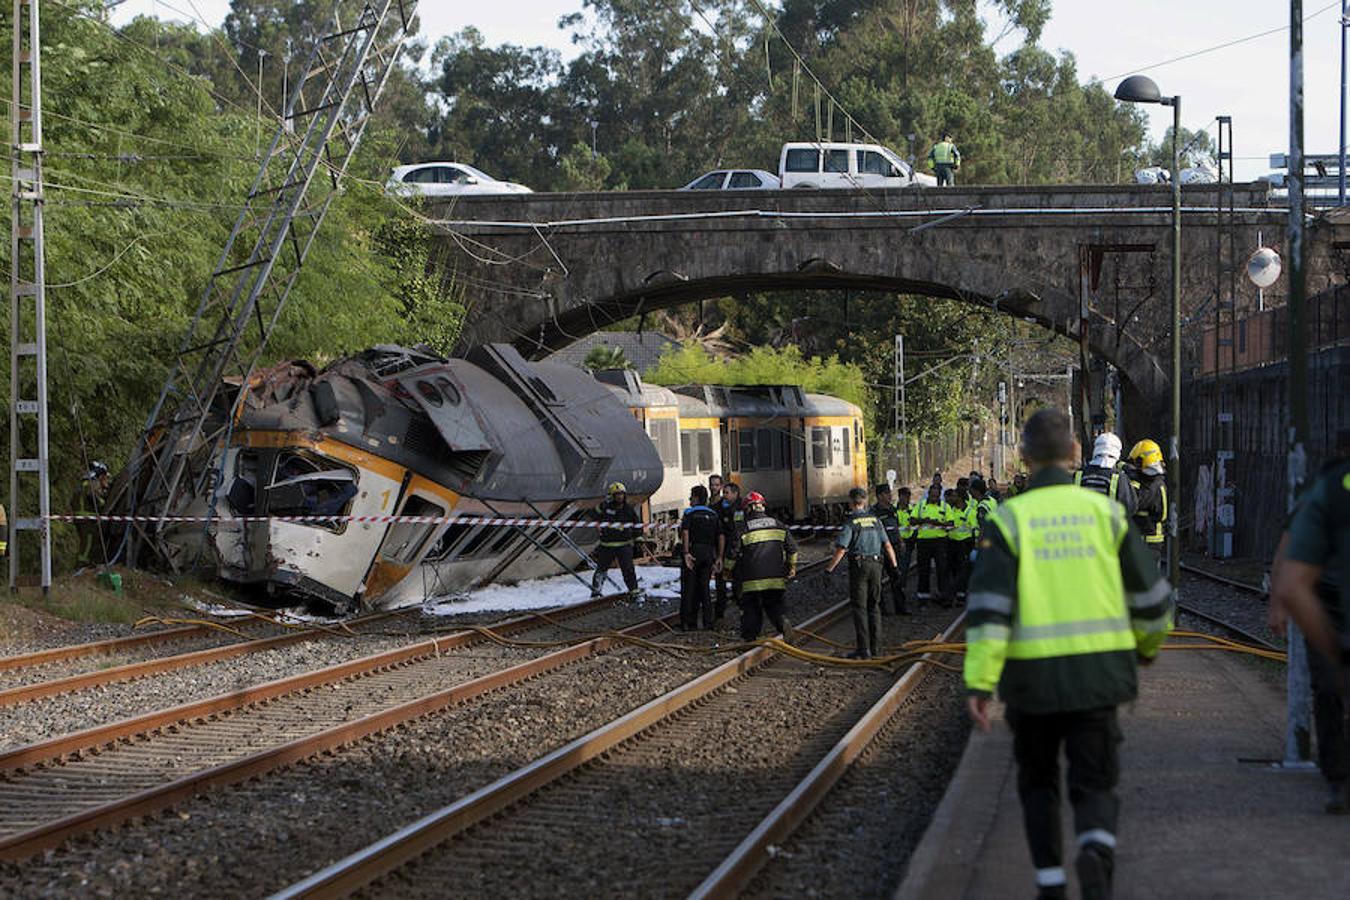 Tres personas han perdido la vida a primera hora de esta mañana en un accidente de tren de pasajeros que ha descarrilado en la localidad pontevedresa de O Porriño